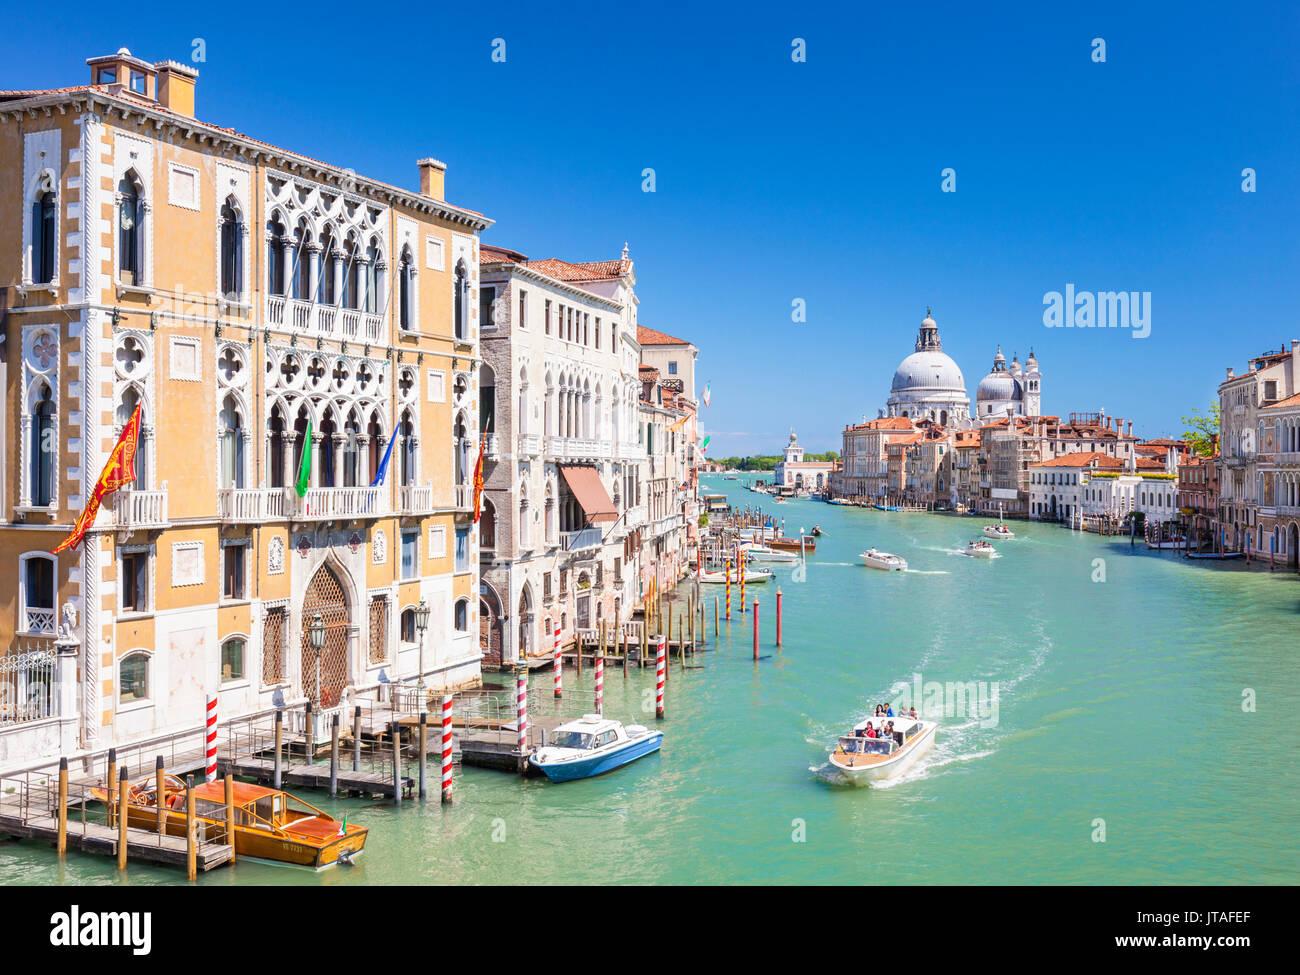 Vaporettos passing Palazzo Cavalli-Franchetti and the Santa Maria della Salute on the Grand Canal, Venice, UNESCO, Veneto, Italy - Stock Image